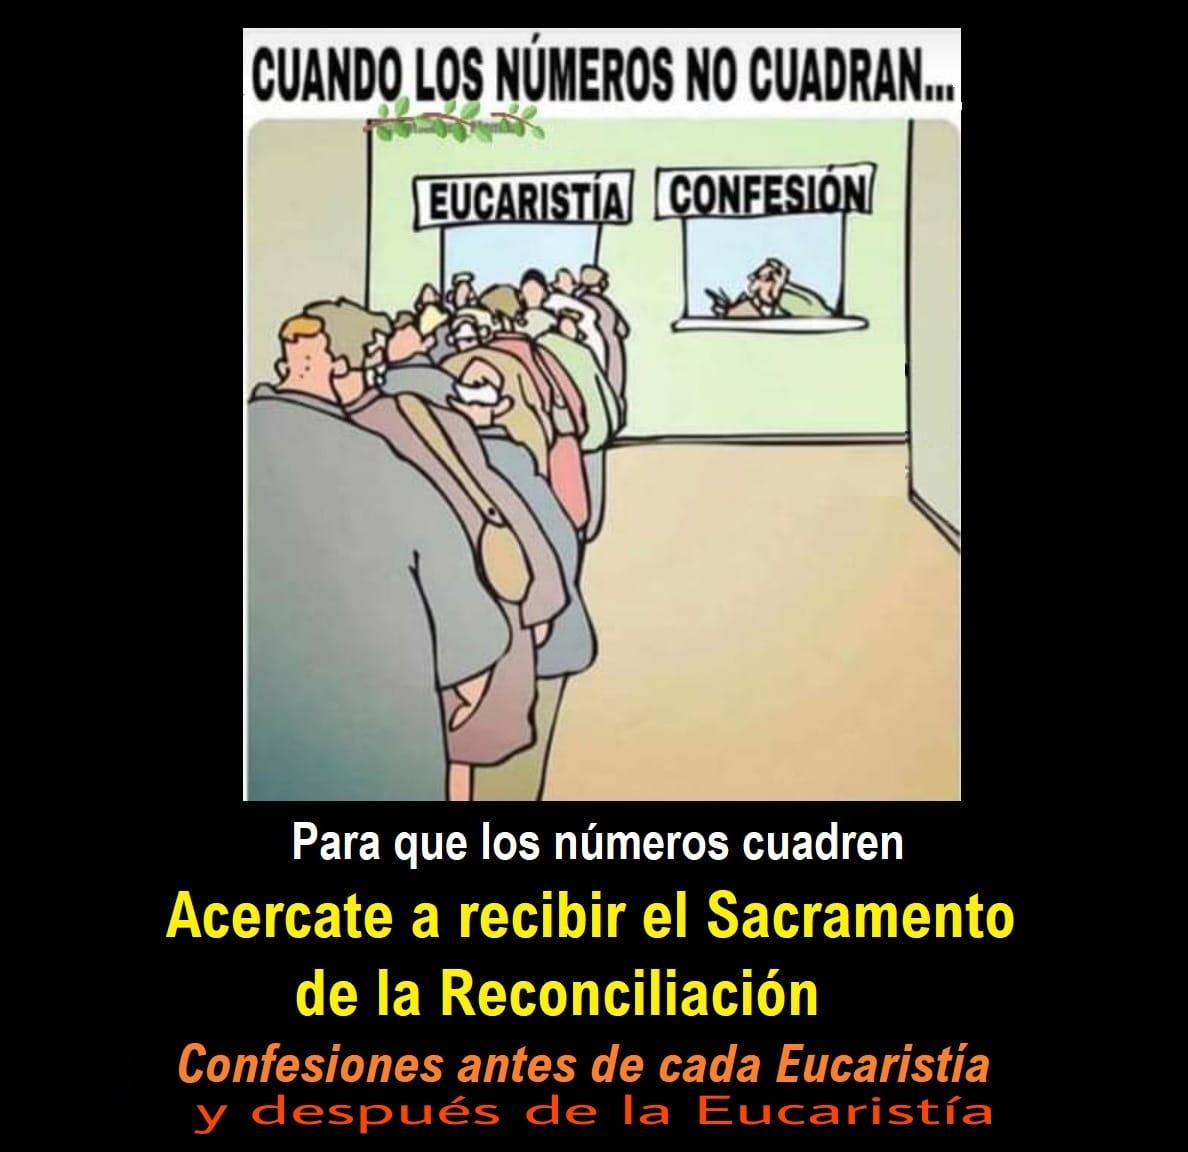 Confesiones antes y después de cada Eucarístía